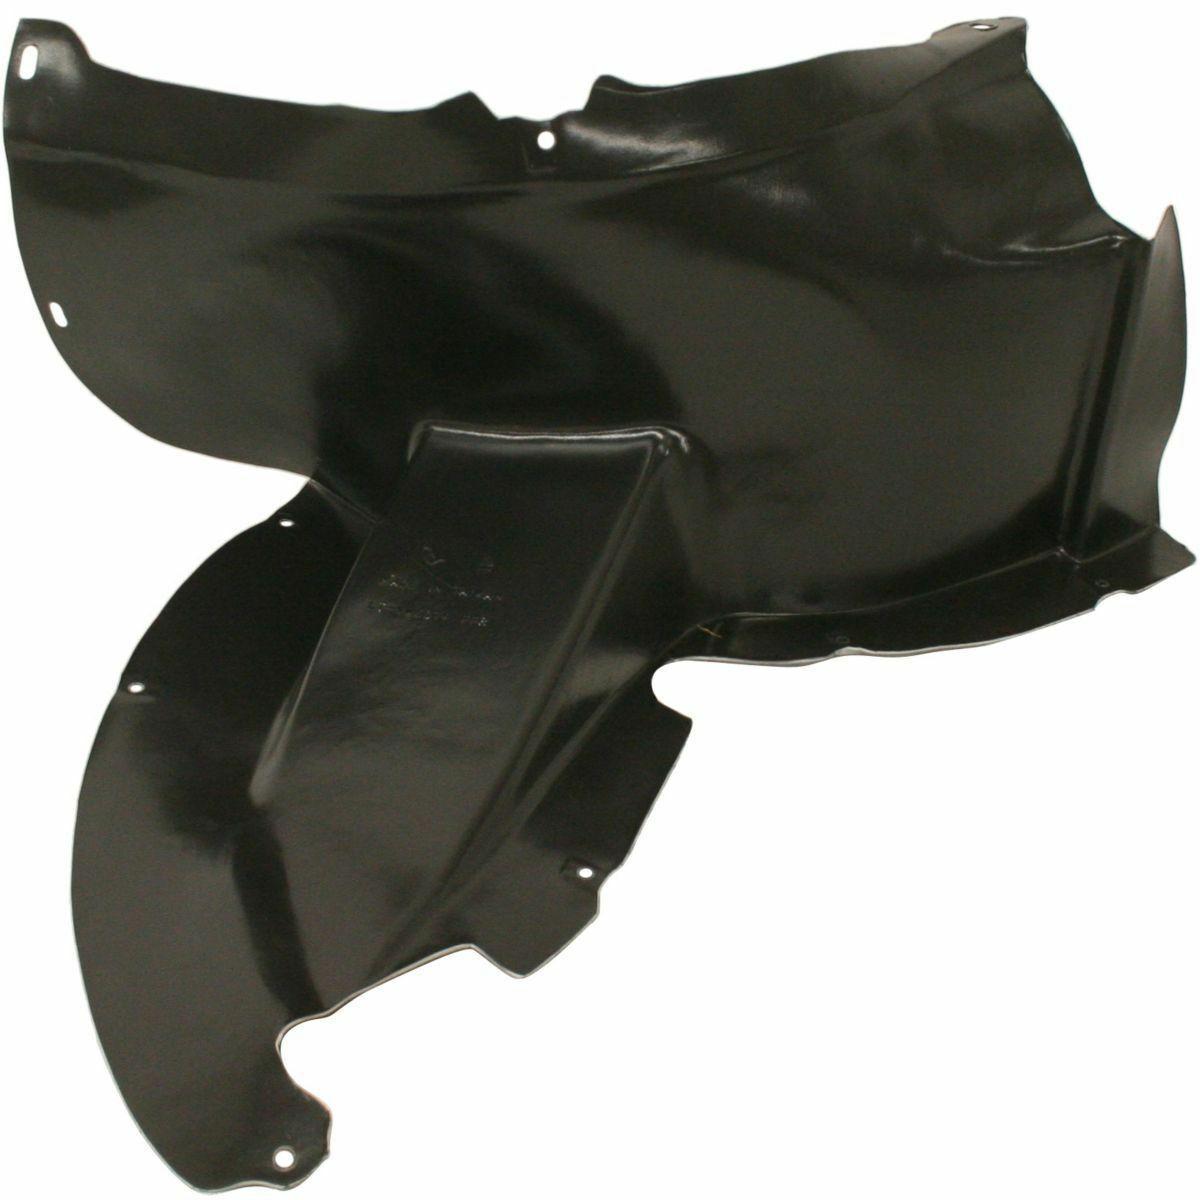 RH Side Front Inner Fender Splash Shield Rear Section Fits Passat CC VW1249110